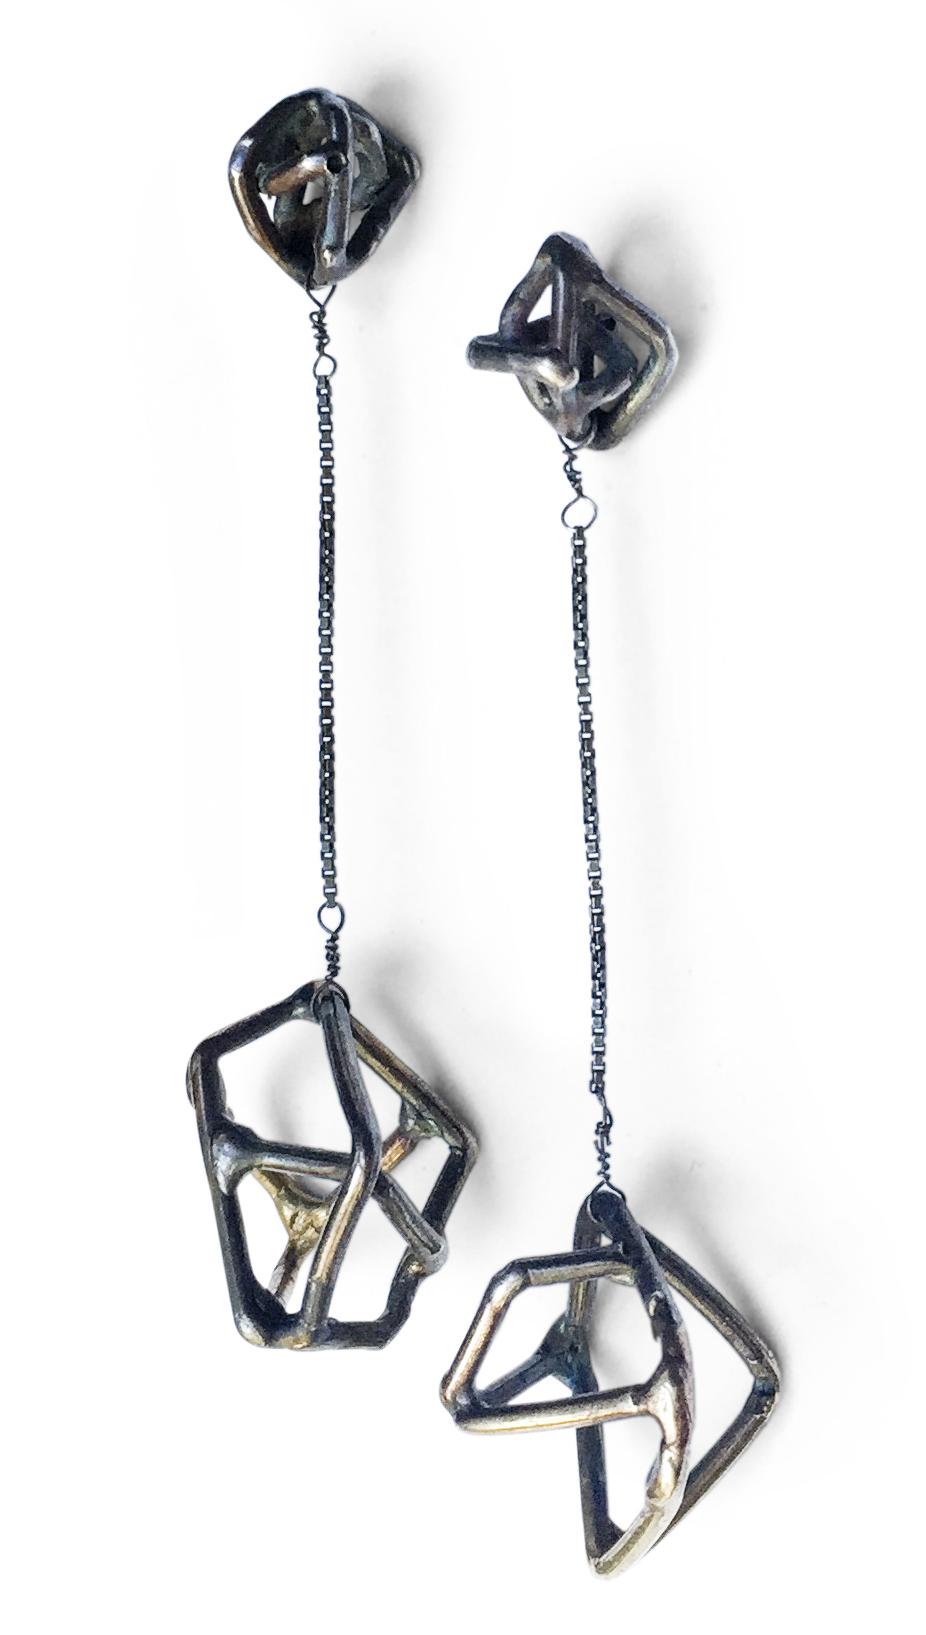 E9 Petkus, Aimee small oxidized geometric shape on shape with large shape hanging on chain.jpg